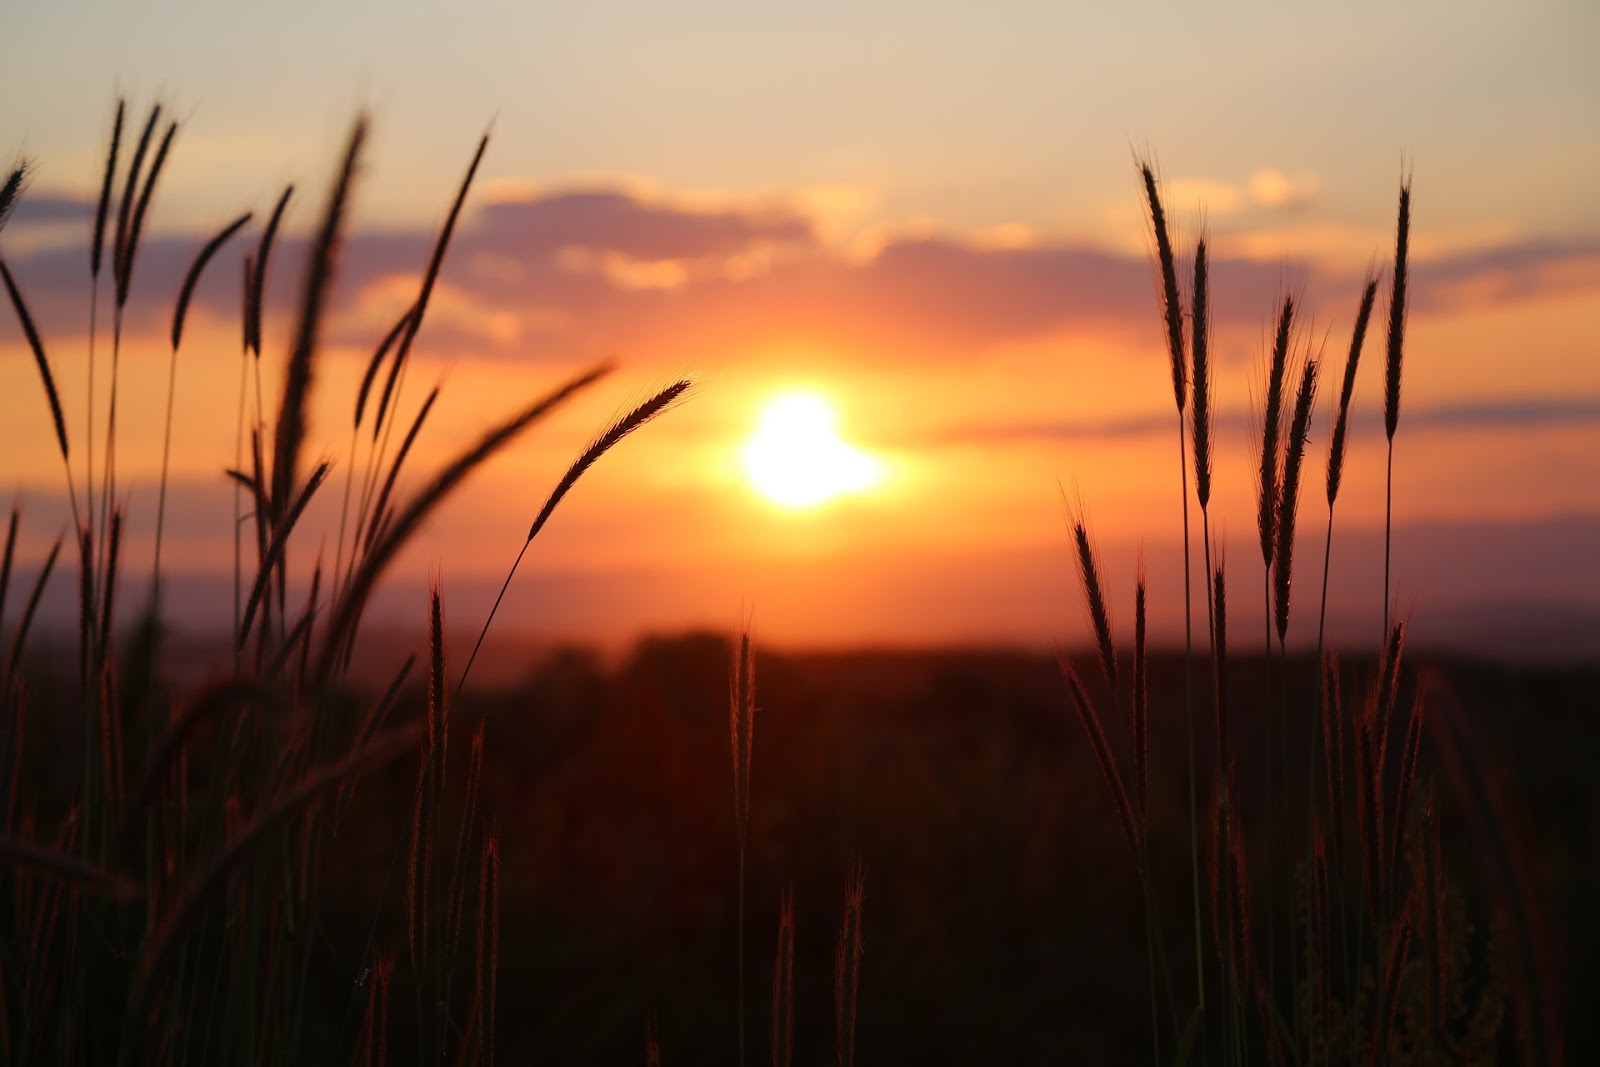 Download 61+ Gambar Pemandangan Senja Paling Bagus Gratis